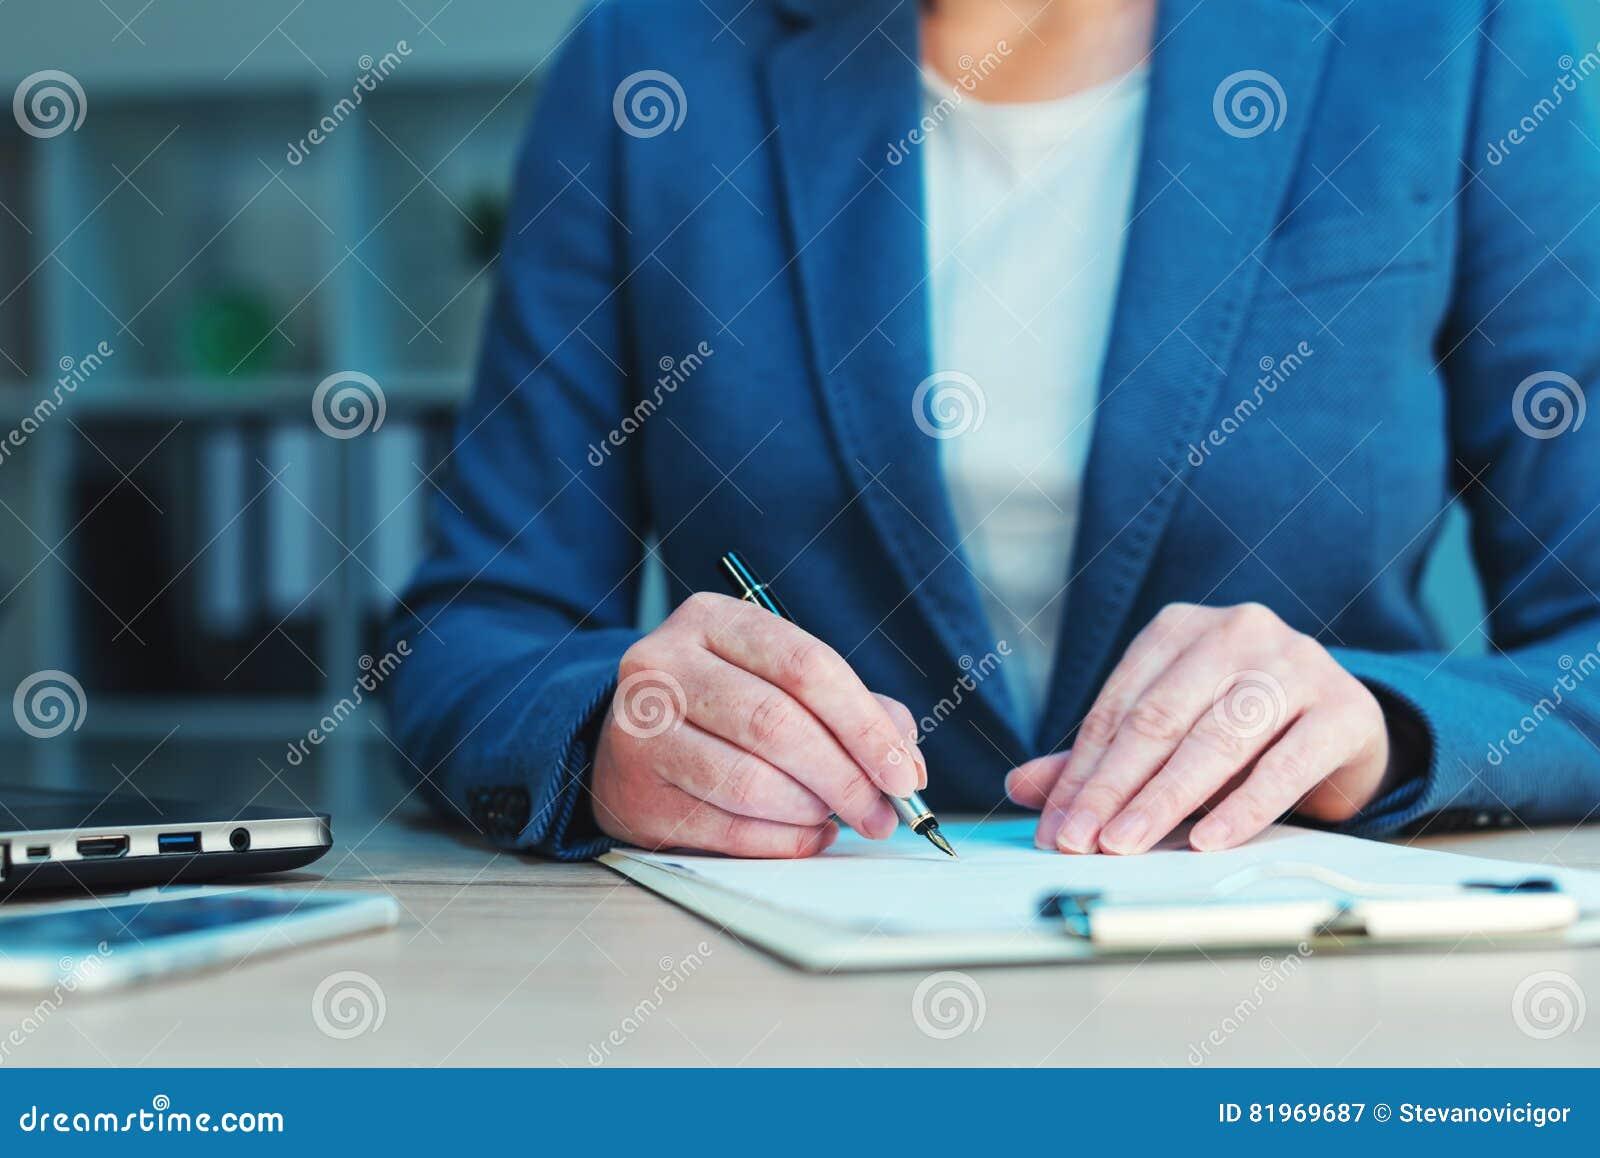 Biznesowy zgody podpisywanie, bizneswomanu handwriting podpis